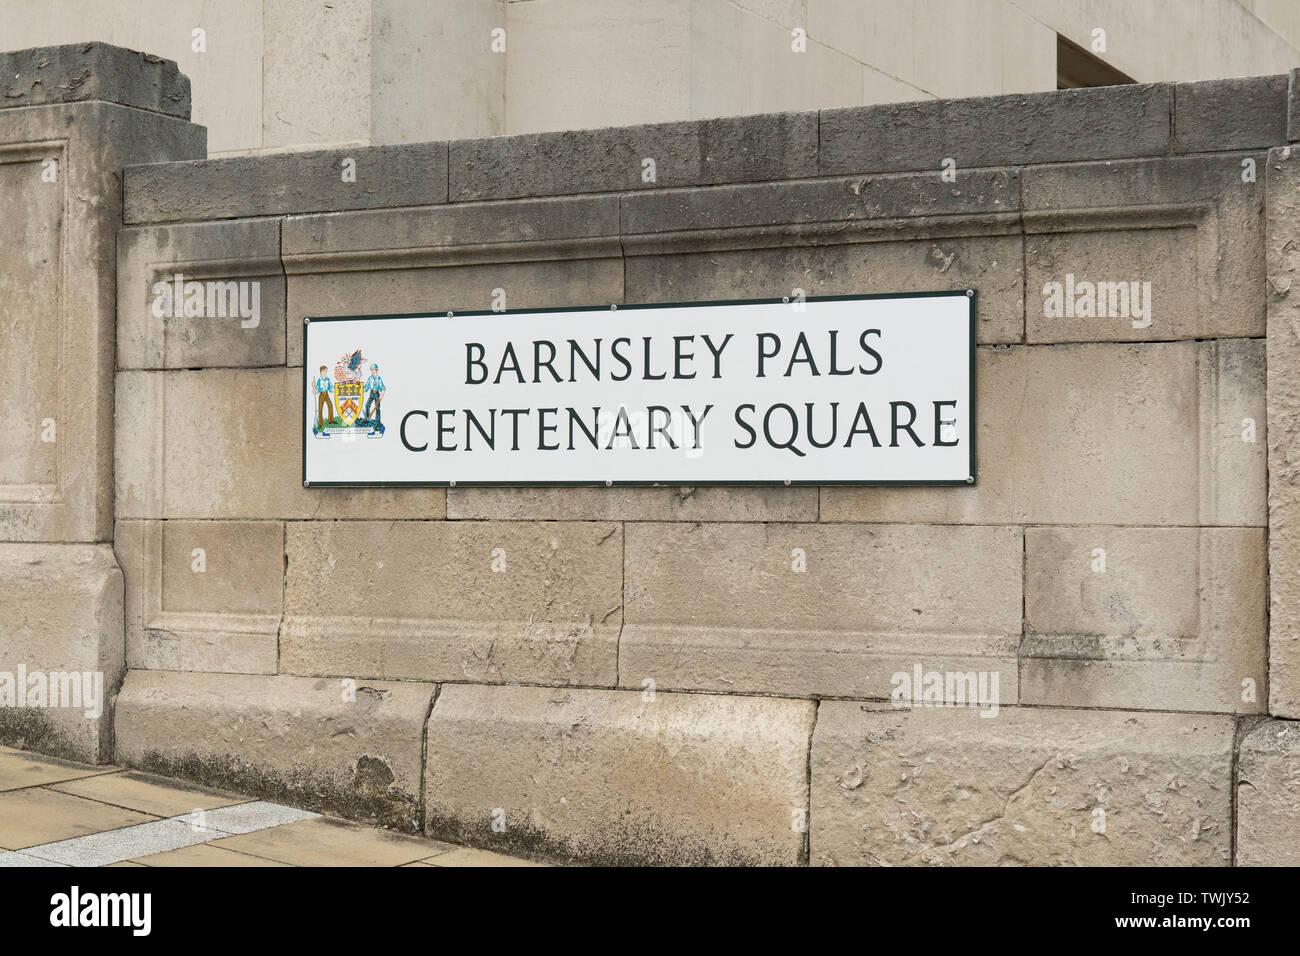 Barnsley Pals Centenary Square segno - per commemorare il Barnsley Pals battaglioni che hanno perso la vita nella Prima Guerra Mondiale, Barnsley, England, Regno Unito Foto Stock